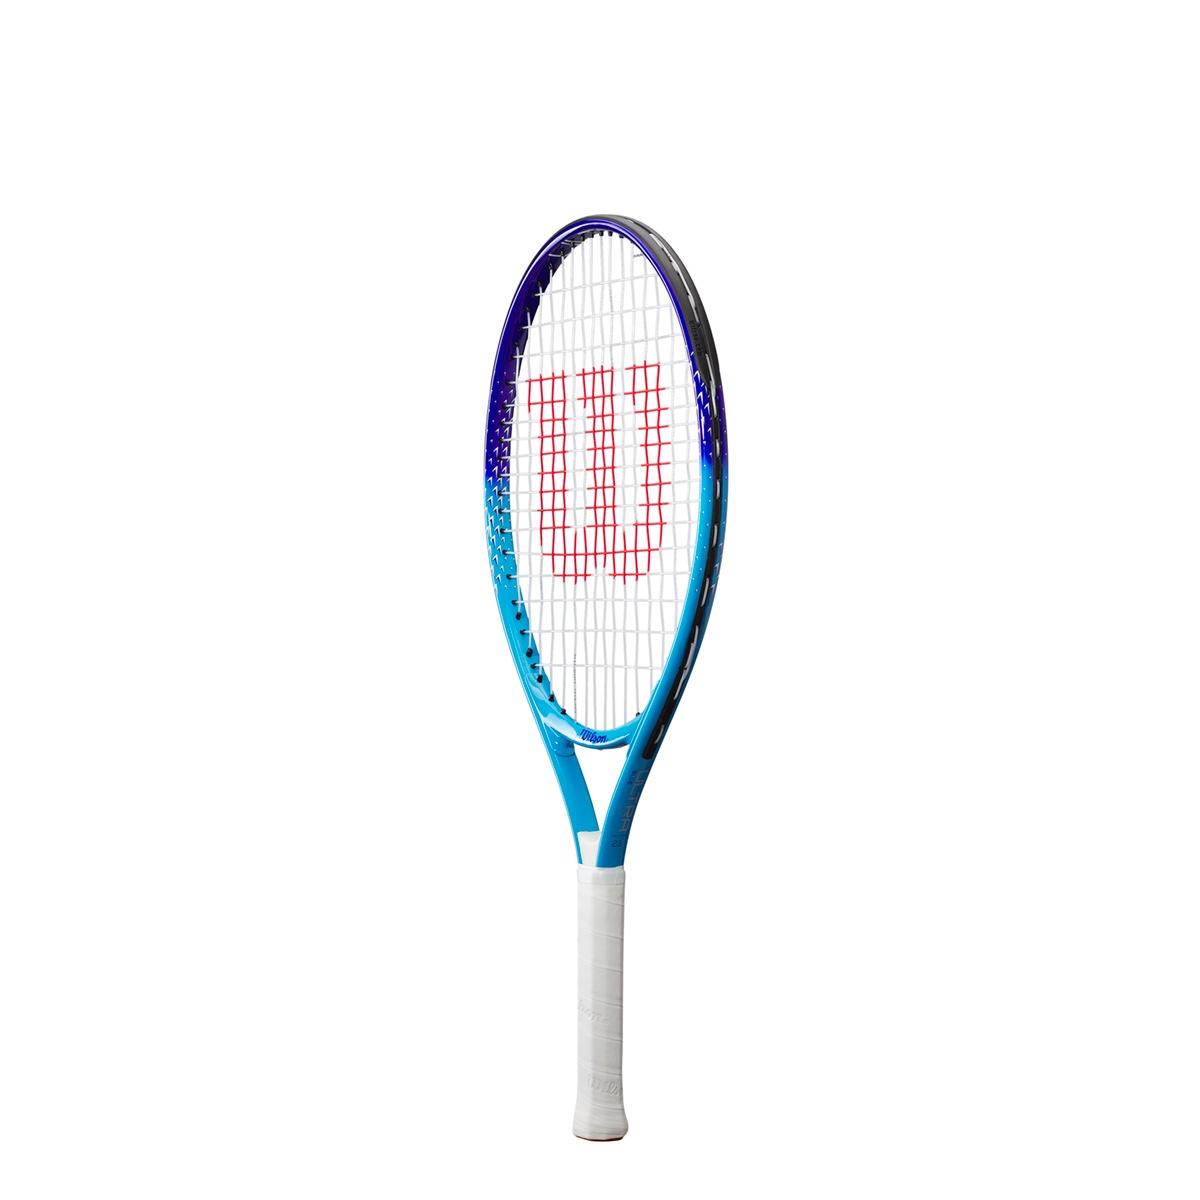 מחבט טניס לילדים Wilson Ultrablue  23